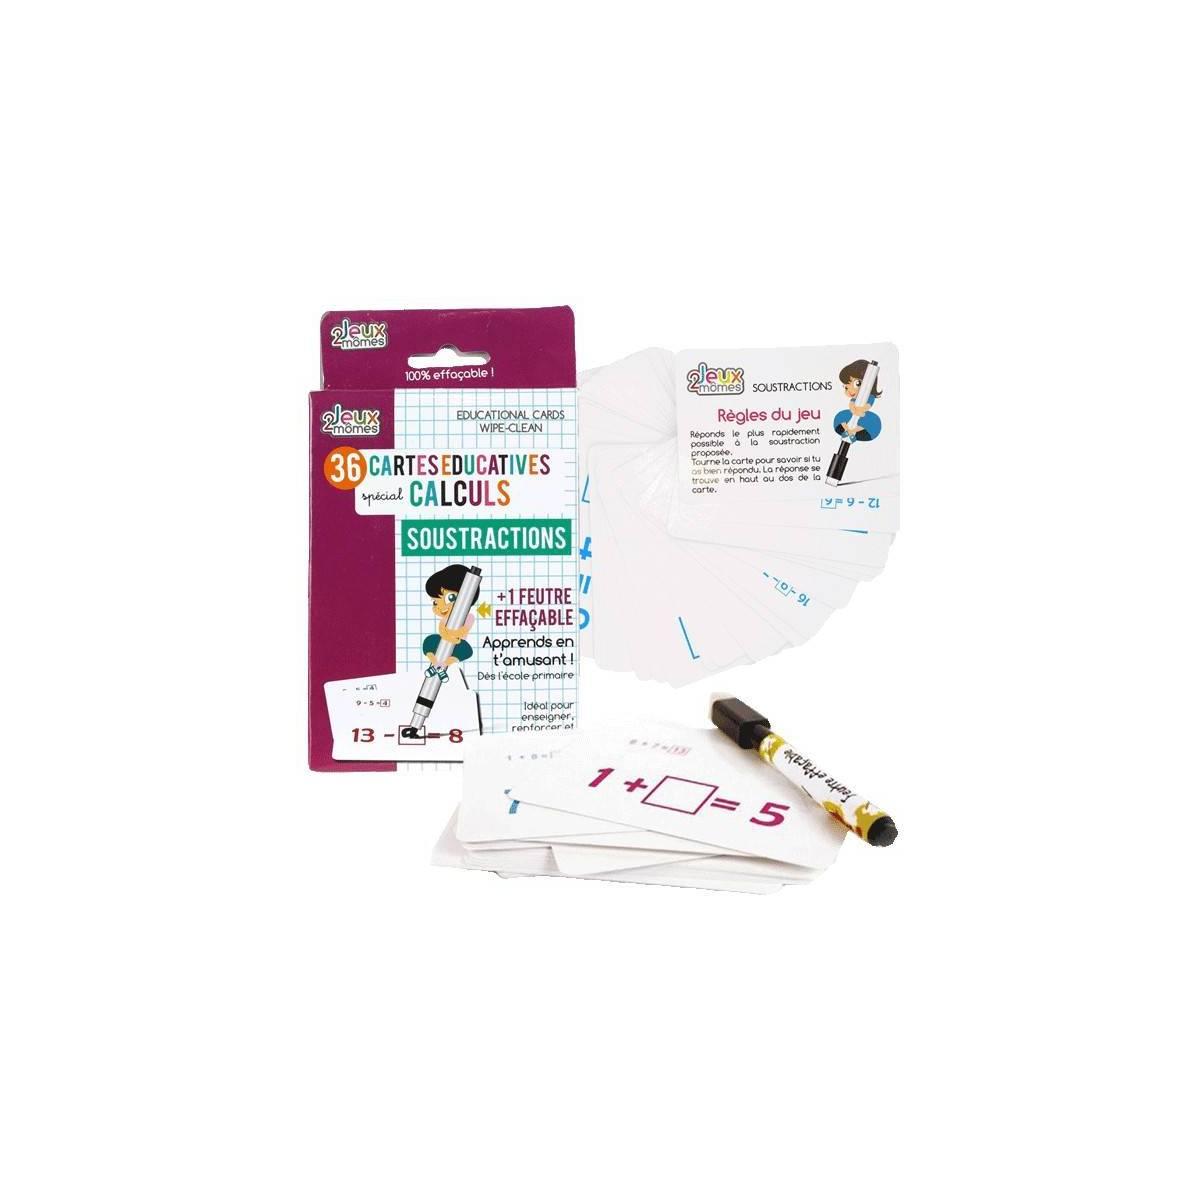 36 Cartes Educatives Spéciales Calculs + 1 Feutres Effaçable